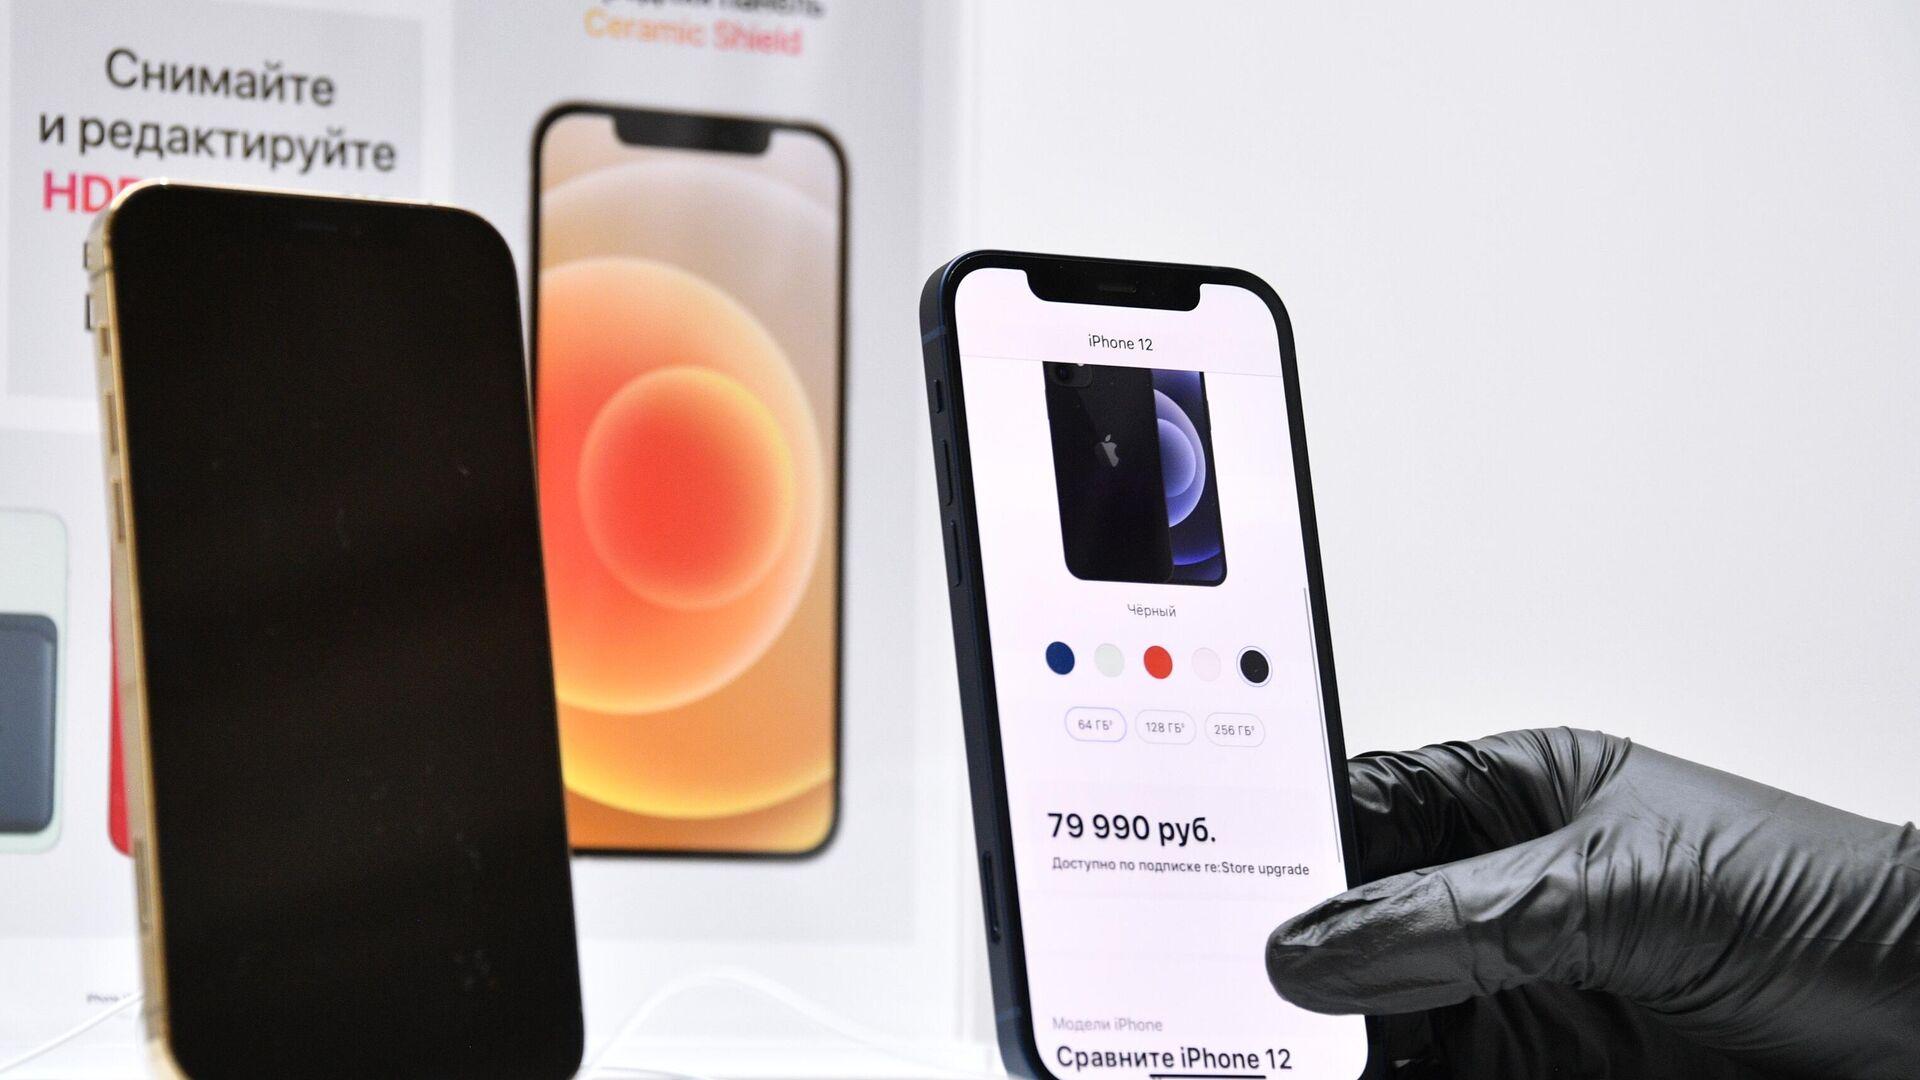 Названа главная опасность iPhone 12 для здоровья человека